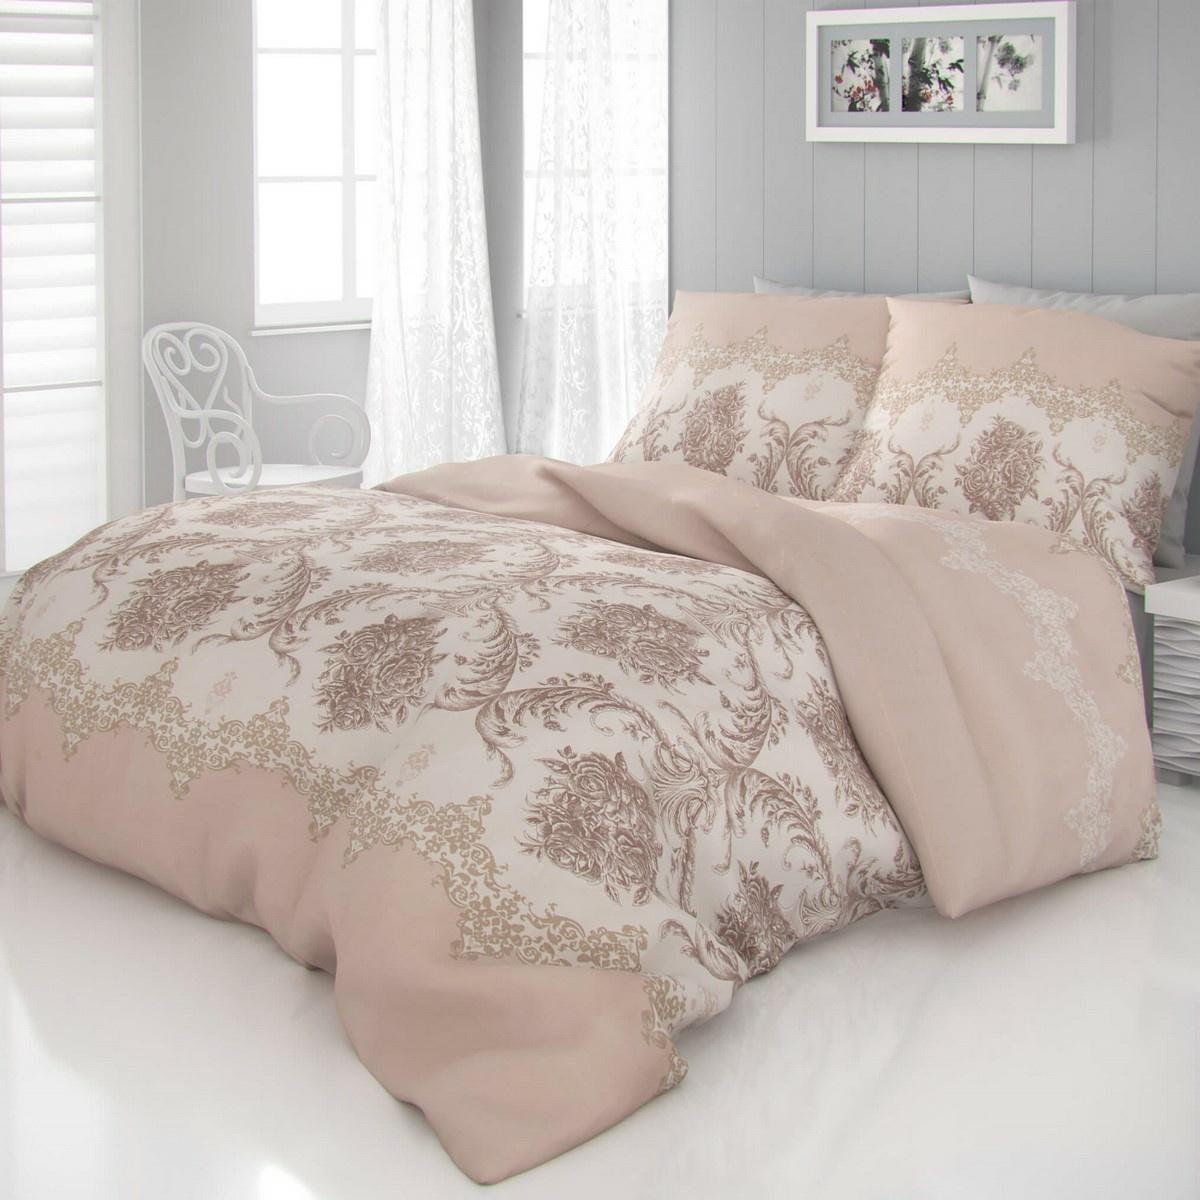 Kvalitex Saténové obliečky Luxury Collection Adra béžová, 140 x 220 cm, 70 x 90 cm